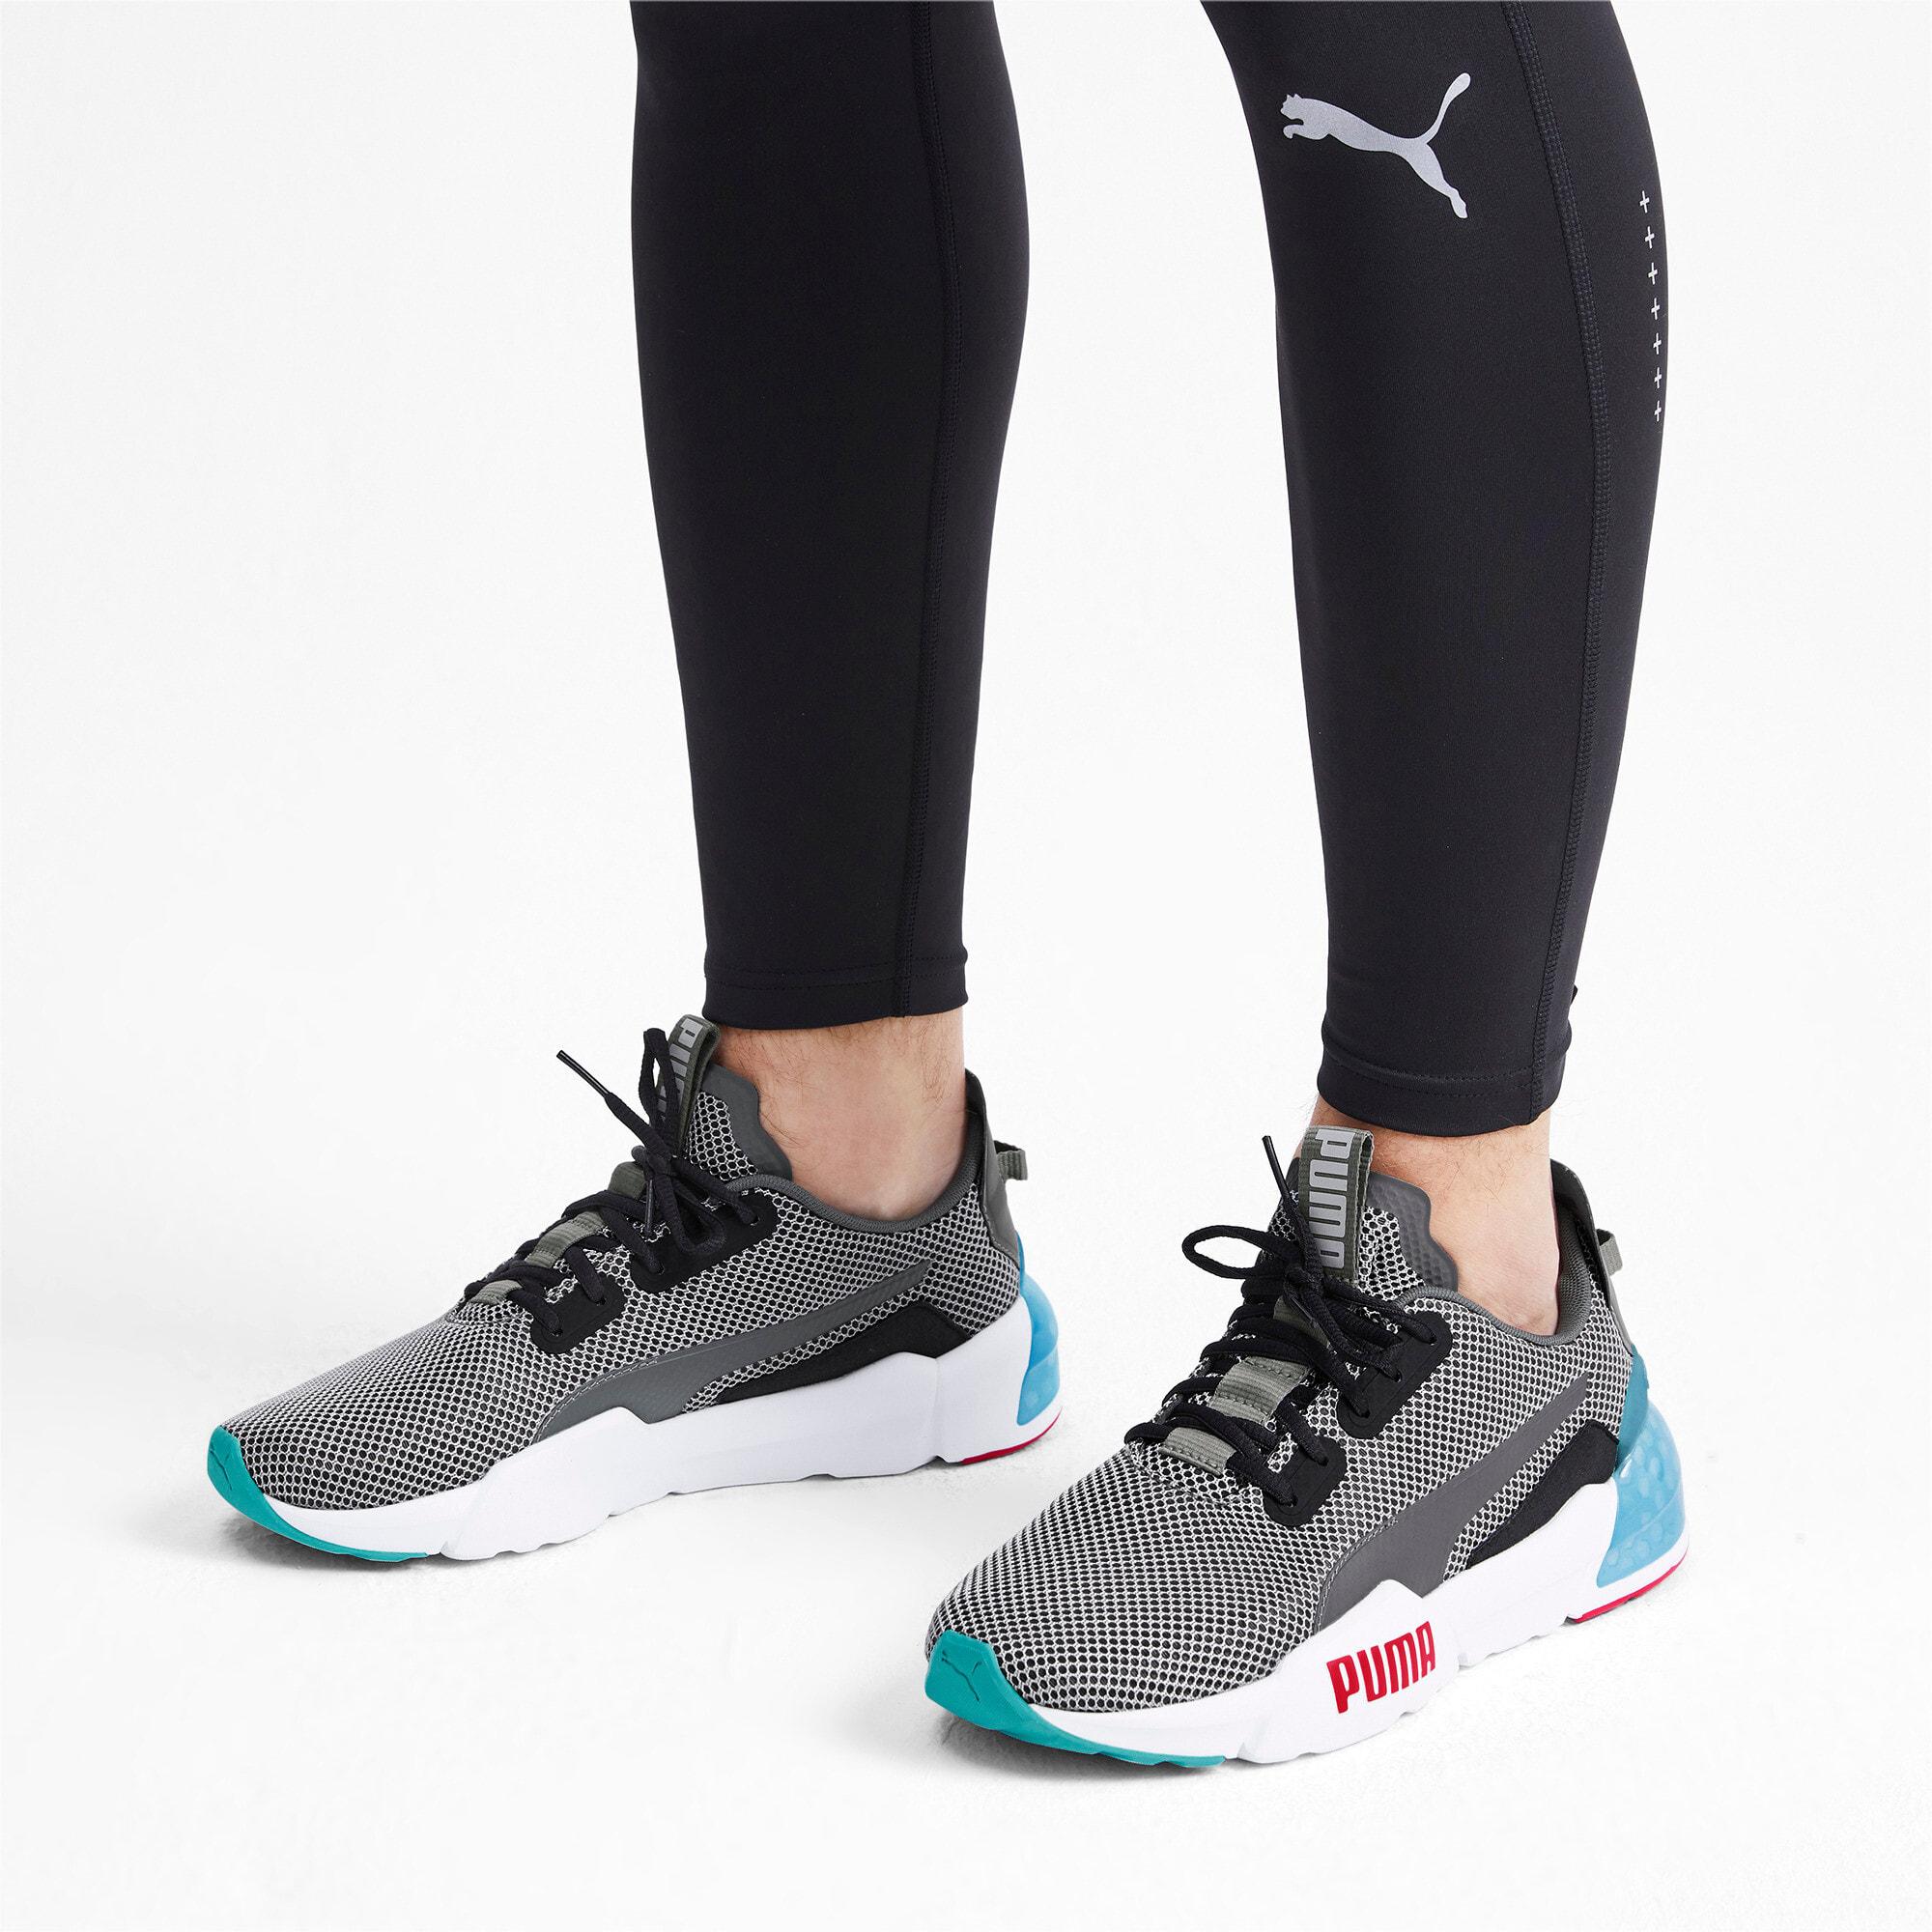 Thumbnail 2 of CELL Phase Men's Training Shoes, CASTLEROCK-White-HighRiskRed, medium